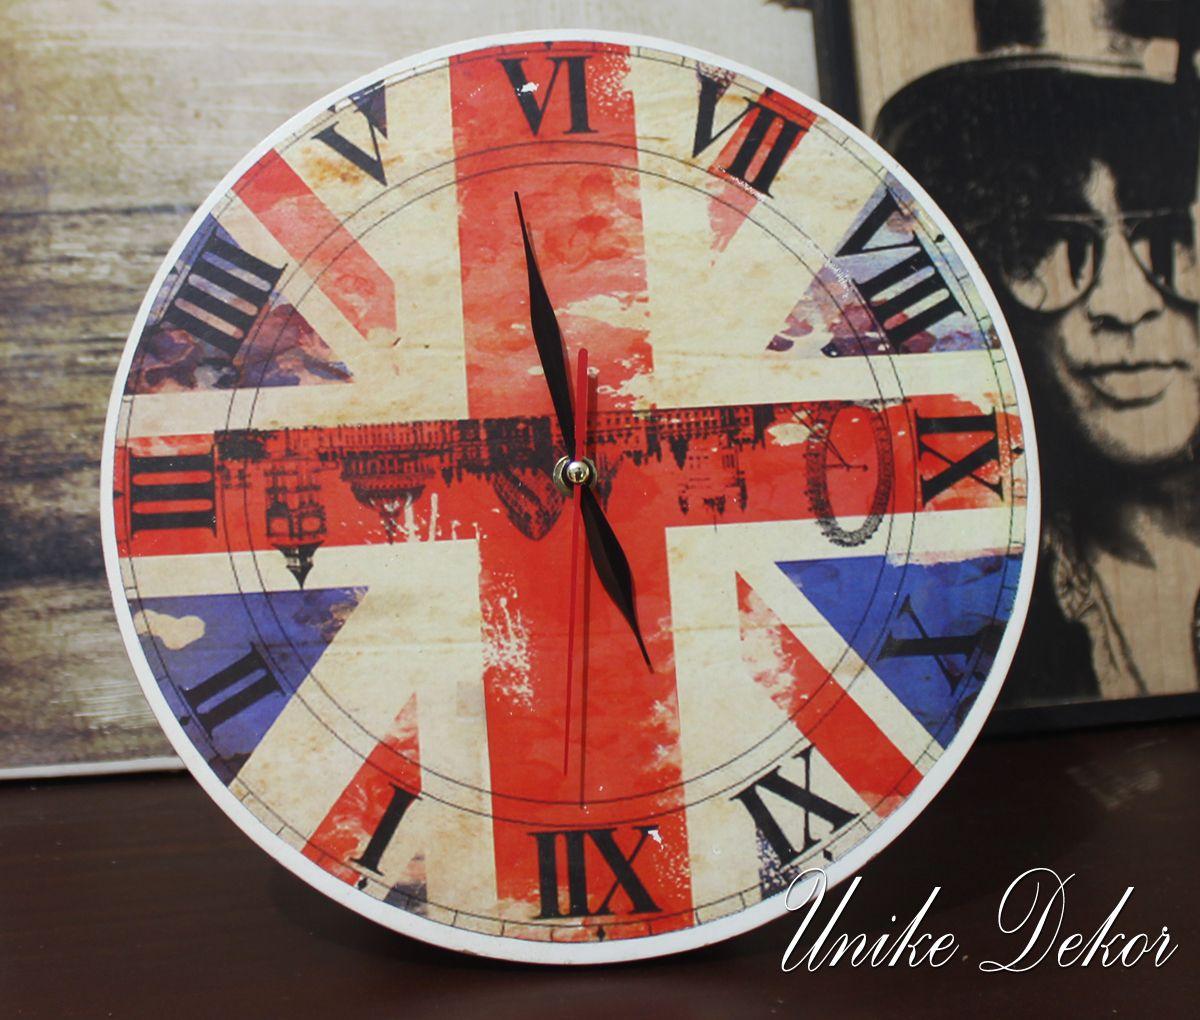 Jam dinding unik gambar bendera inggris depan Jam